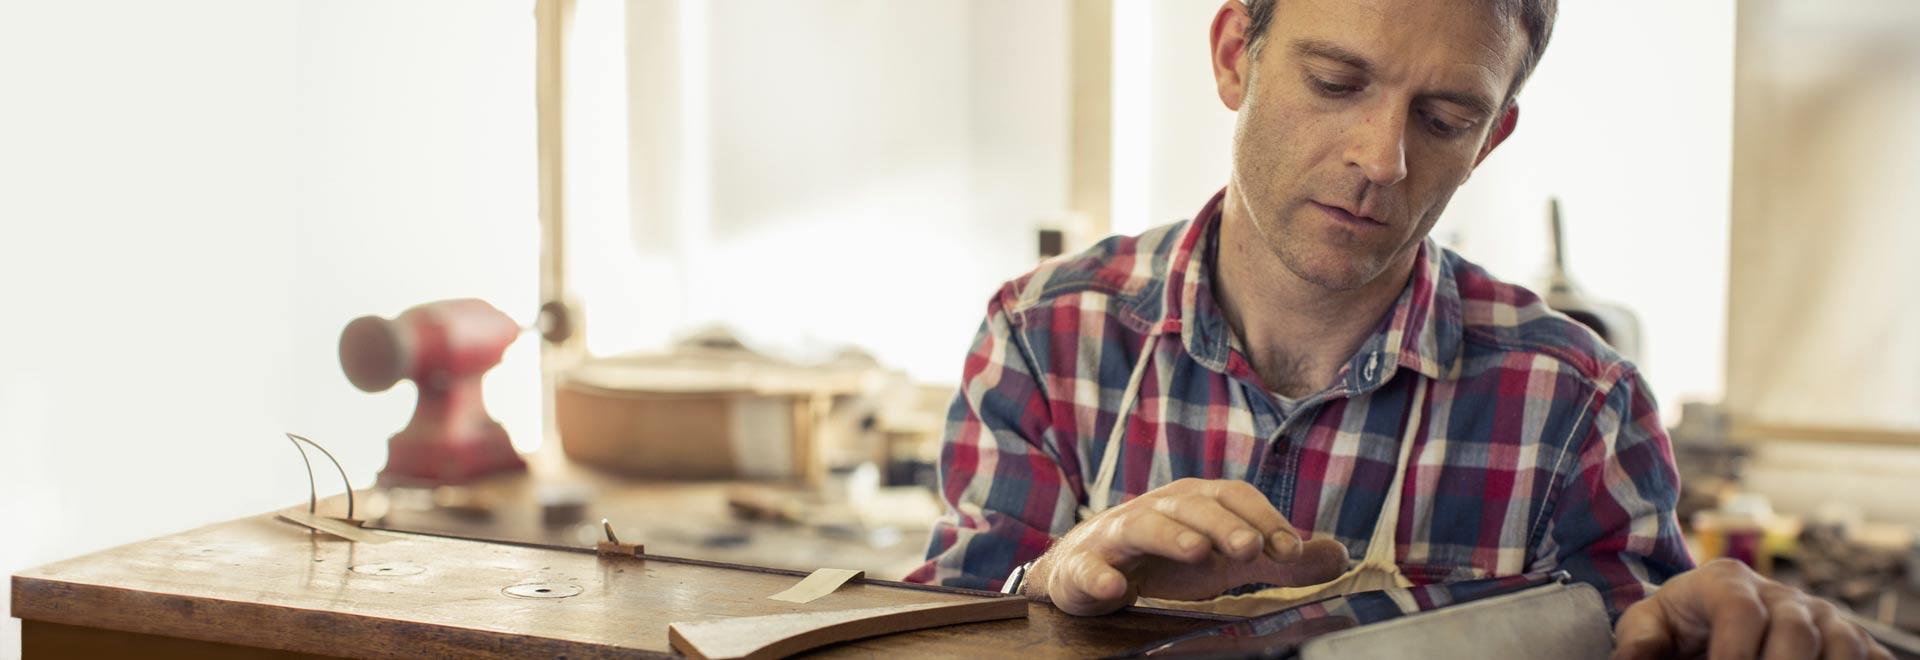 टैबलेट पर Office 365 Business का उपयोग कर रहा वर्कशॉप में एक व्यक्ति